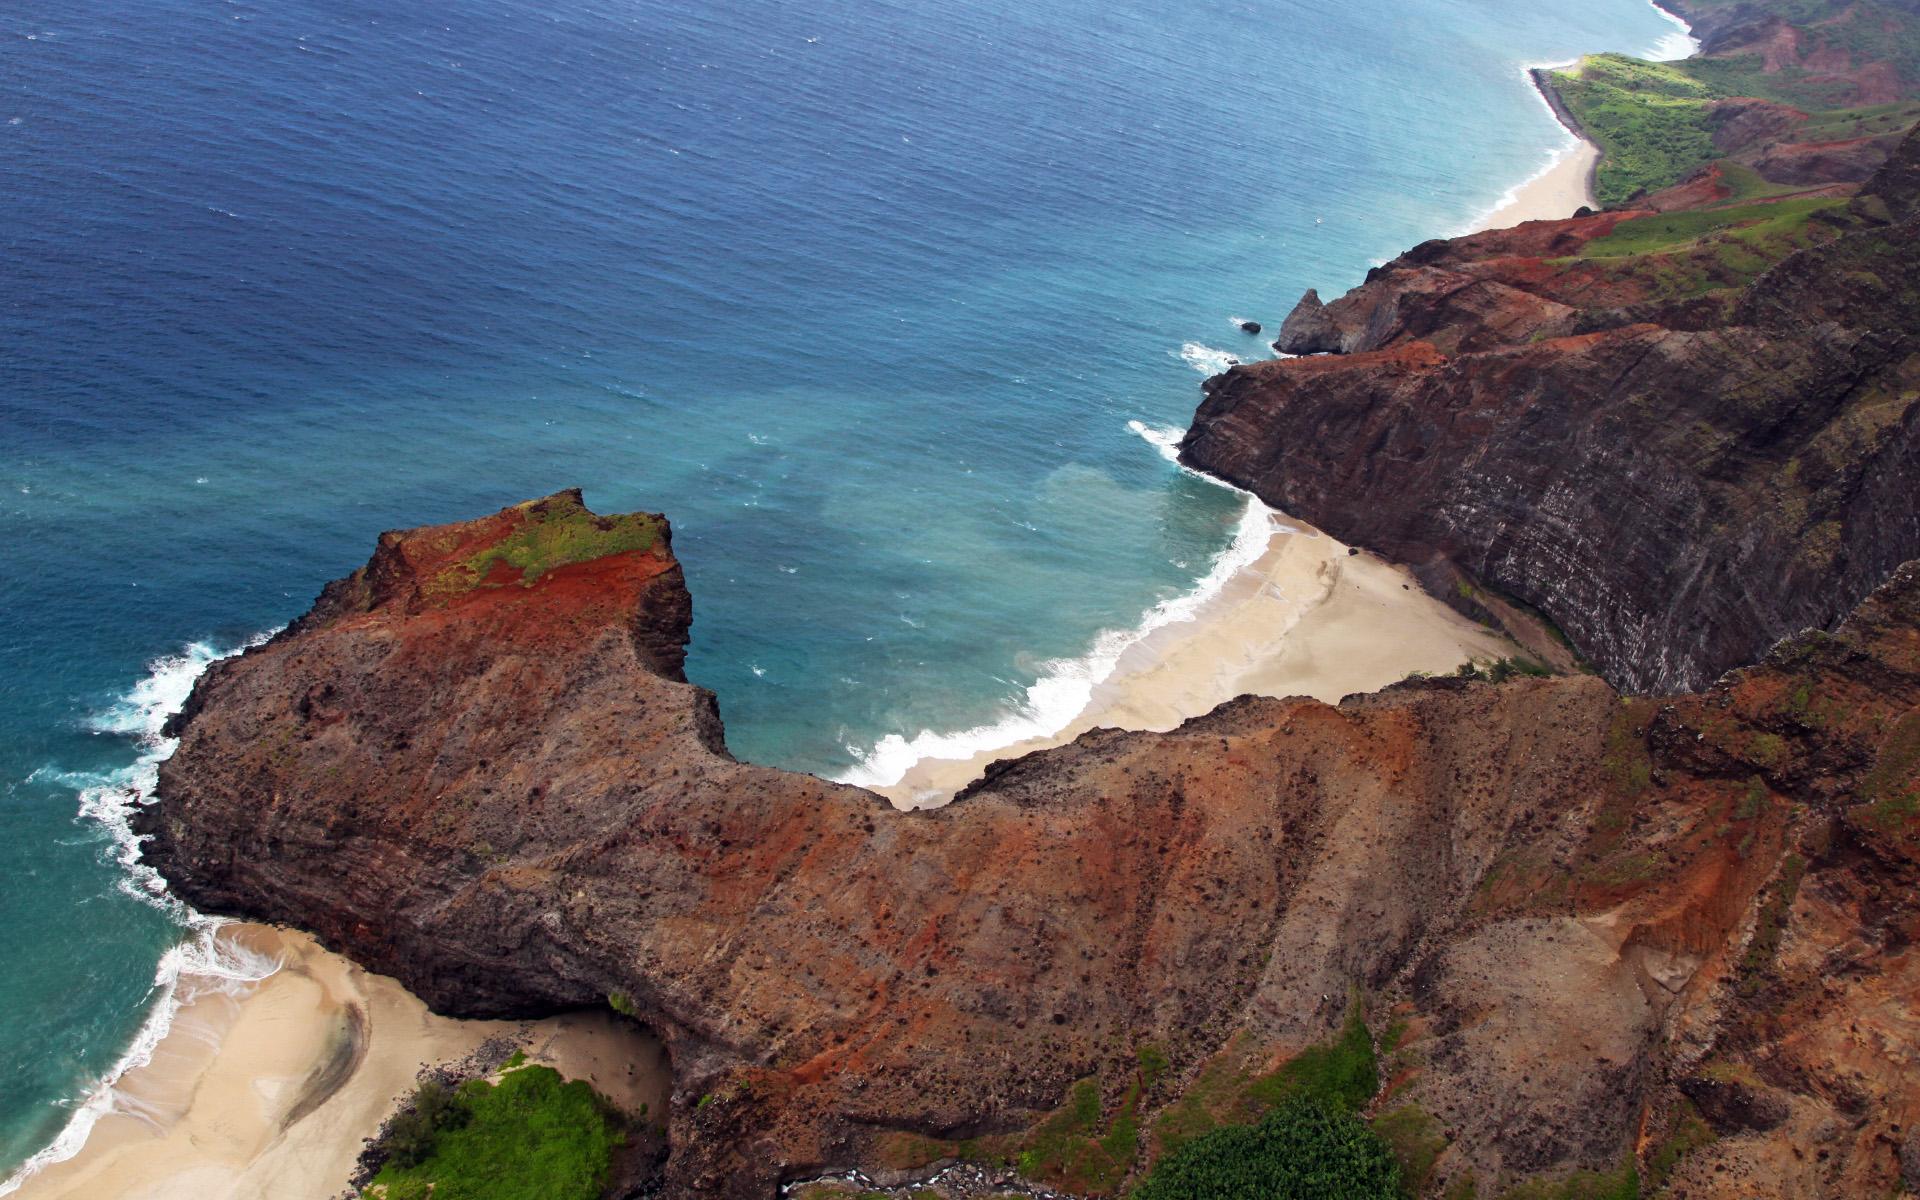 Bãi biển nhìn từ trên vách đá